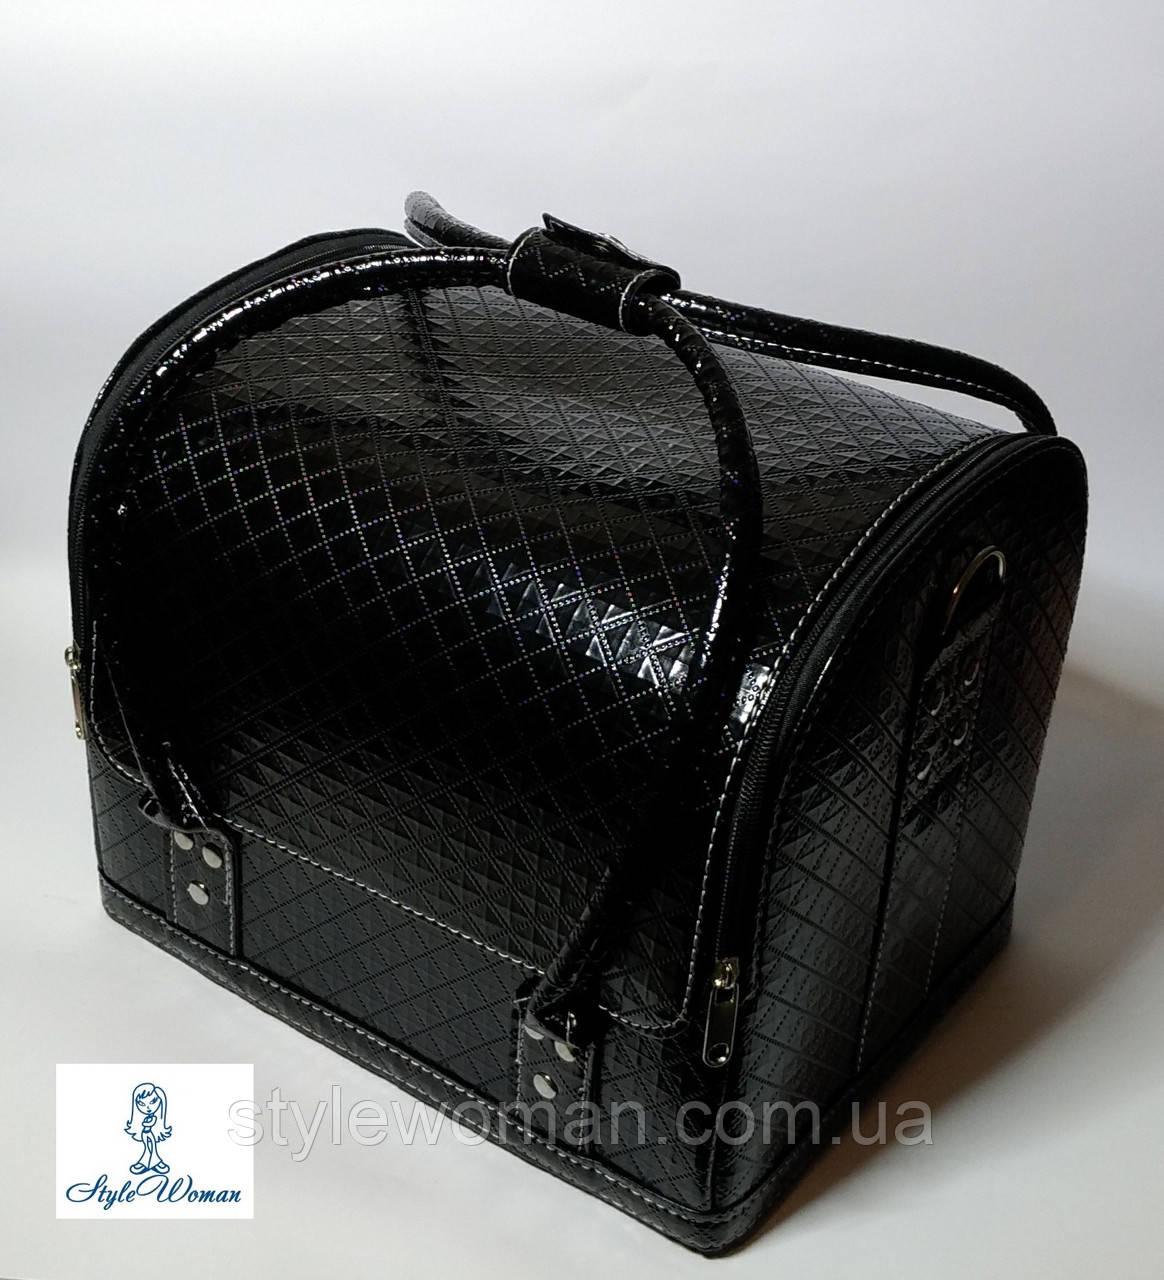 Бьюти кейс чемодан для мастера салонов красоты из кожзама на змейке черный ромб кроко